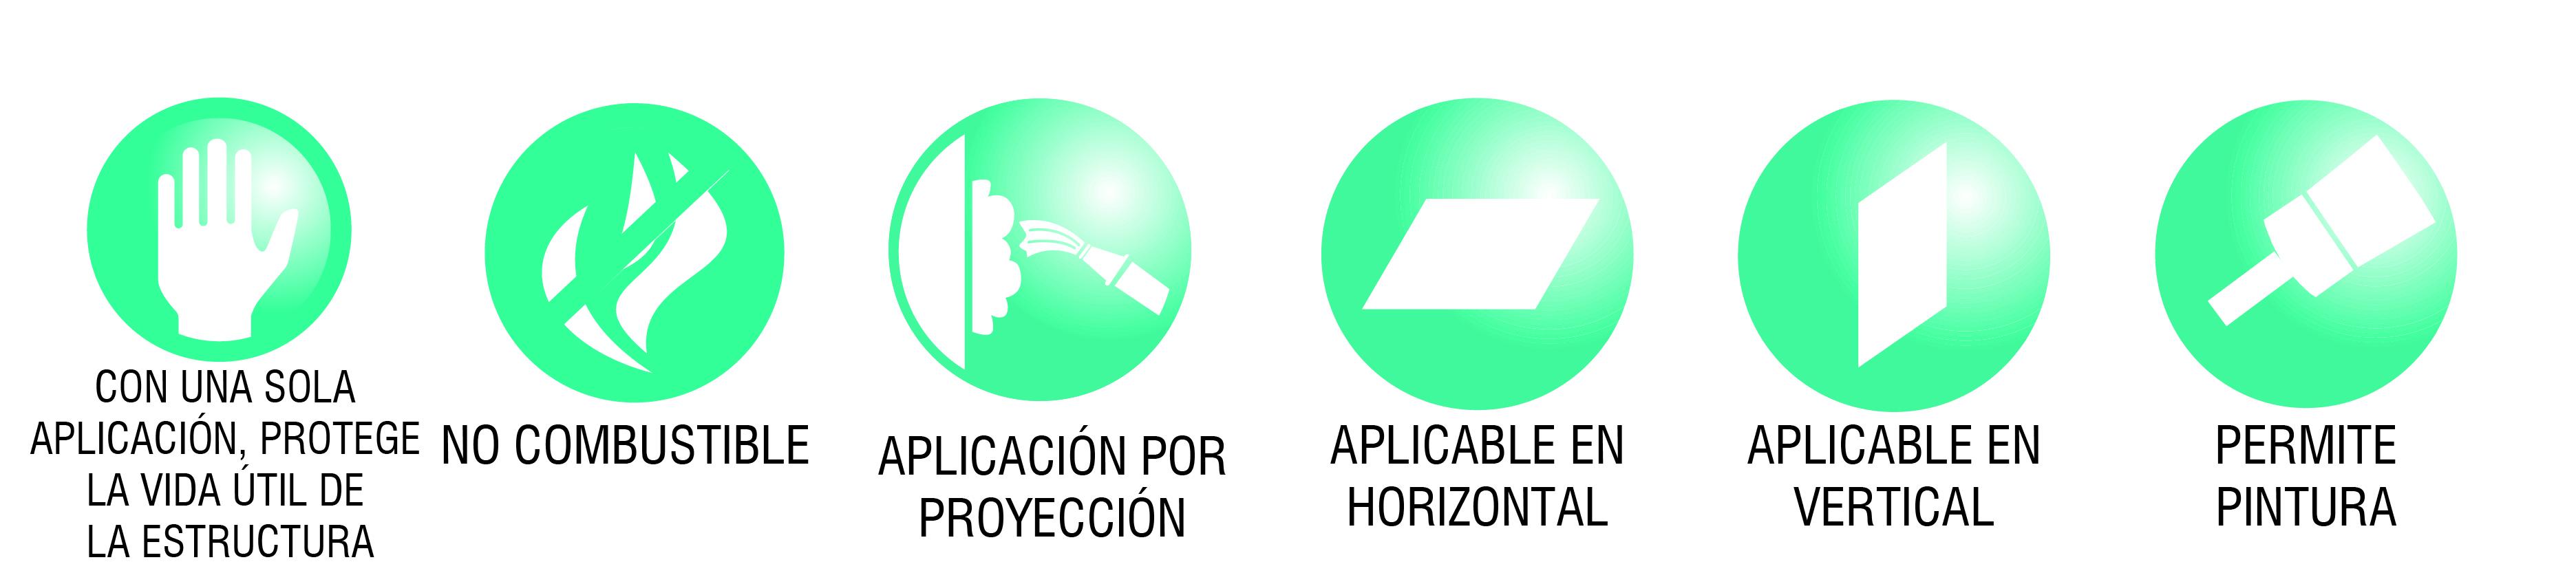 iconos ventajas igniver mortero de proyeccion